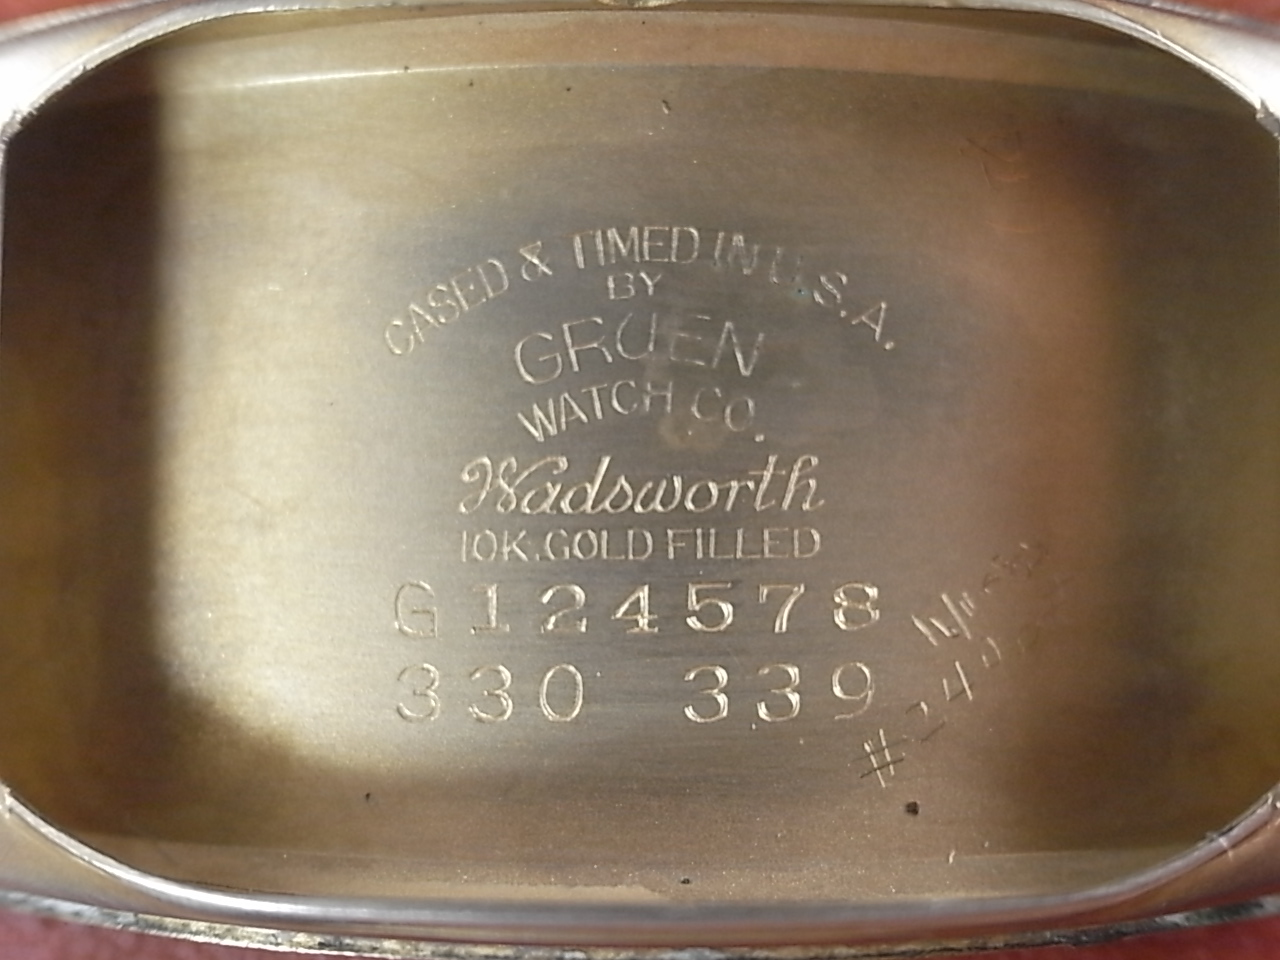 グリュエン カーベックス 10KYGF トノーケース Cal.330 1930年代の写真6枚目